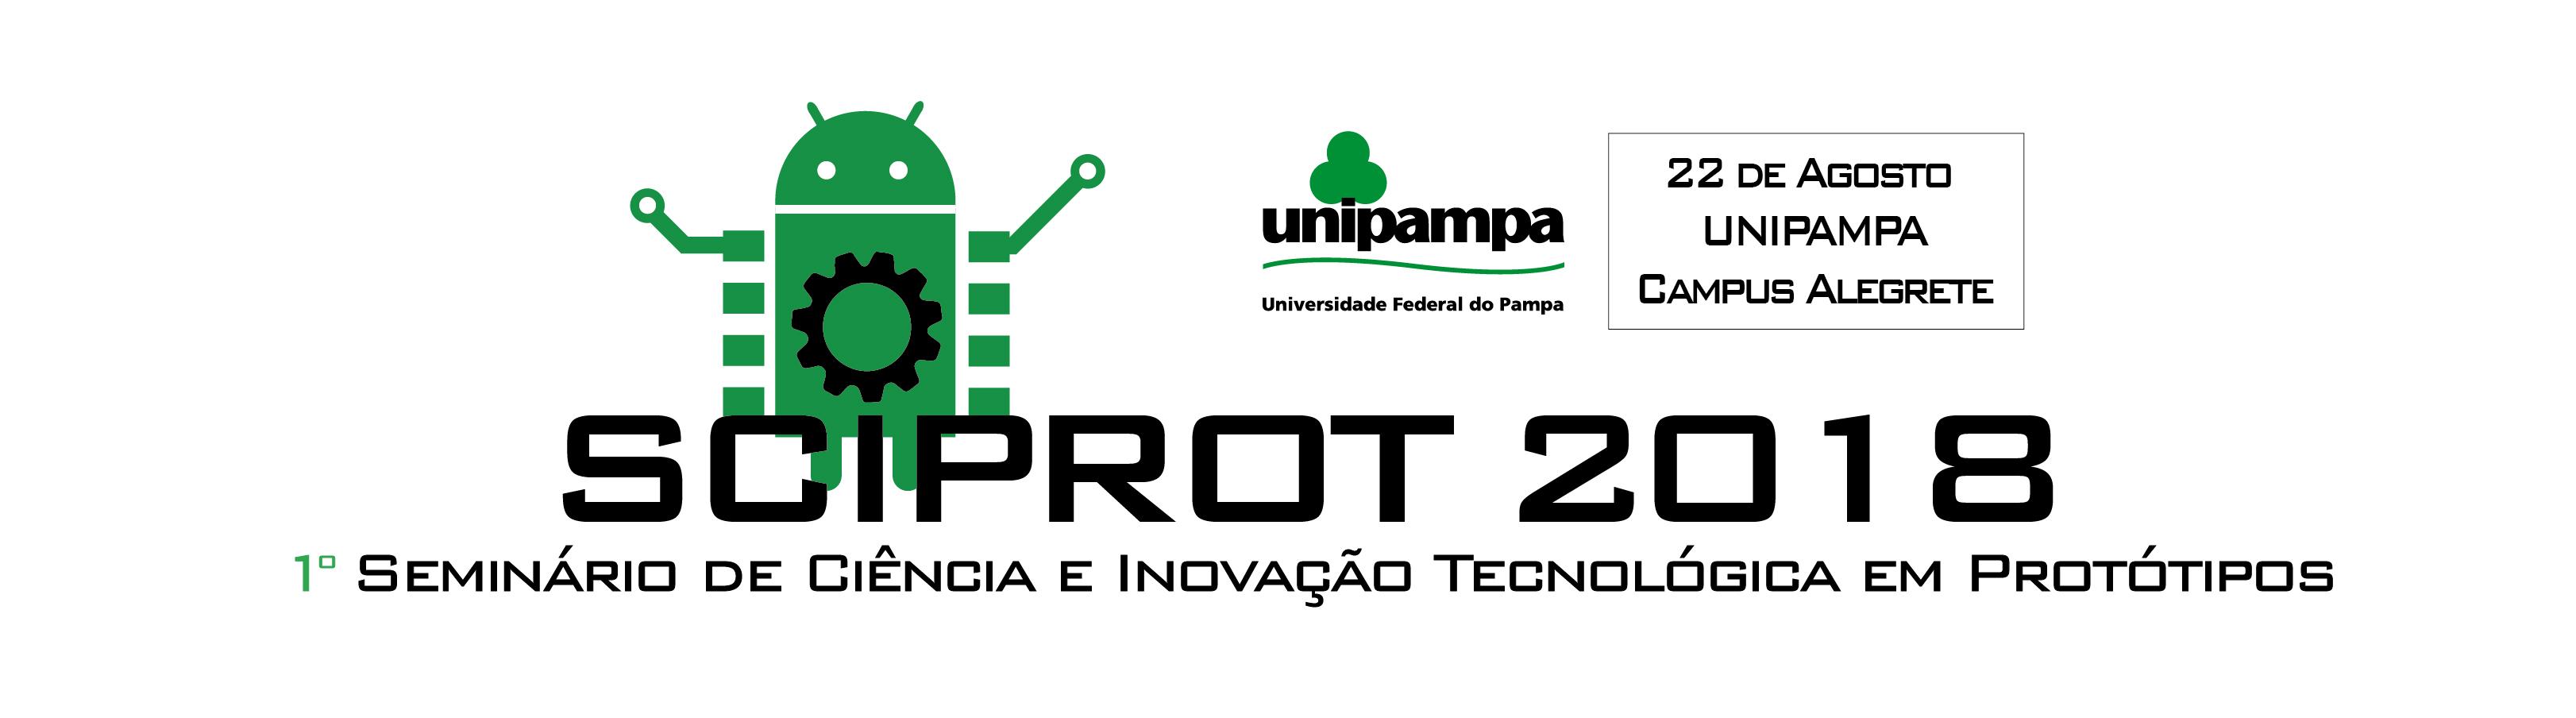 I Seminário de Ciência e Inovação Tecnológica em Protótipos – SCIPROT 2018